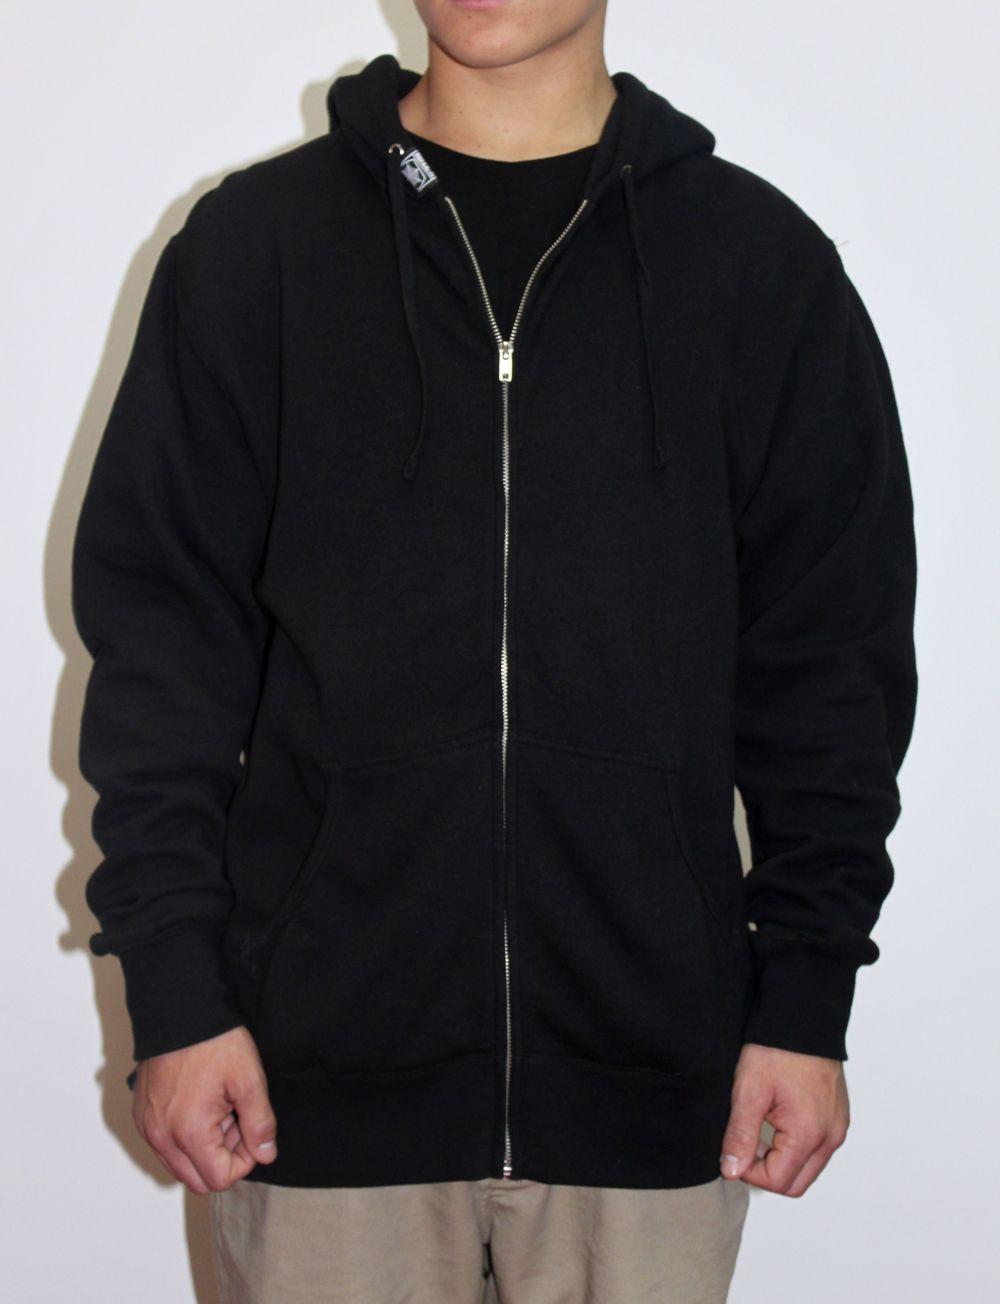 sweatshirt-front.jpg